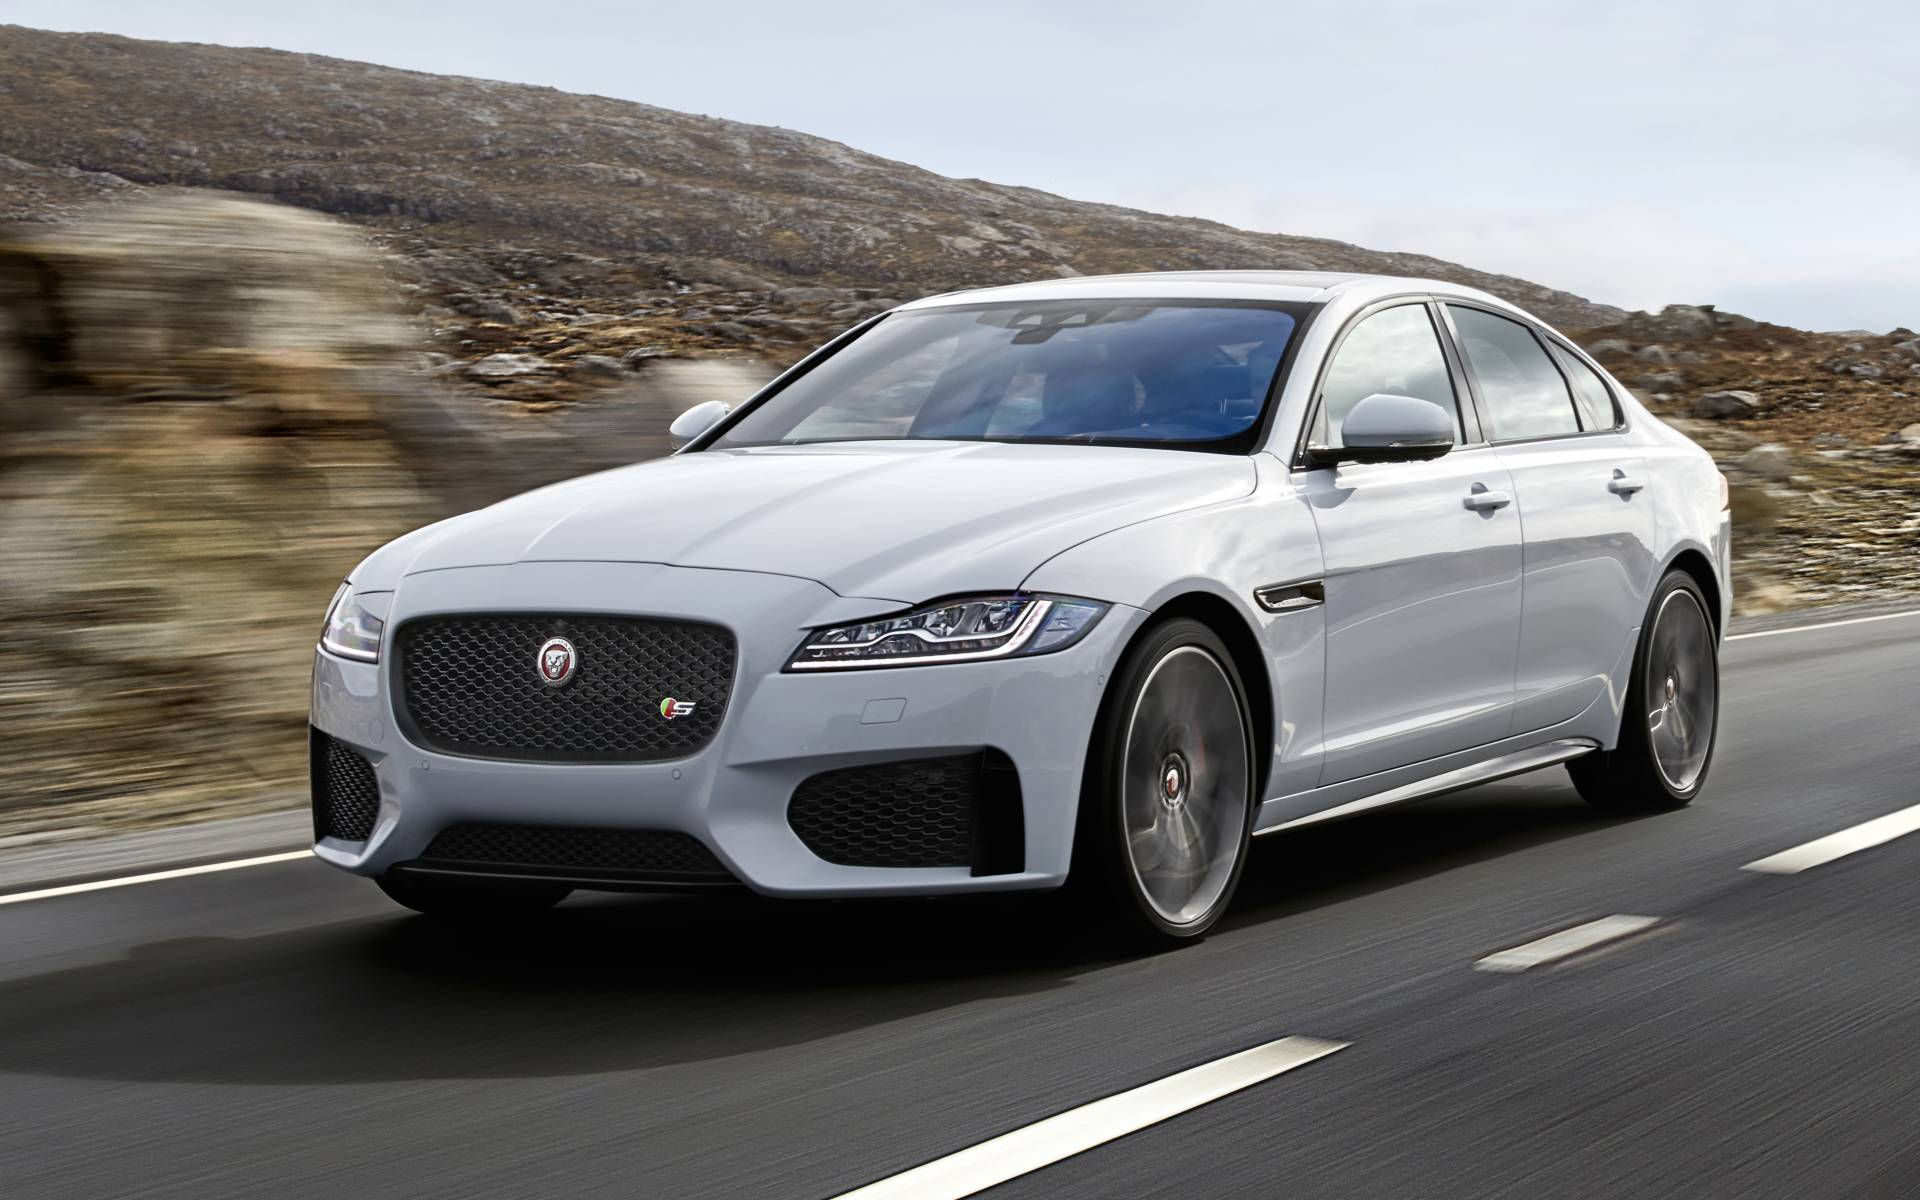 2020 Jaguar XF Specs